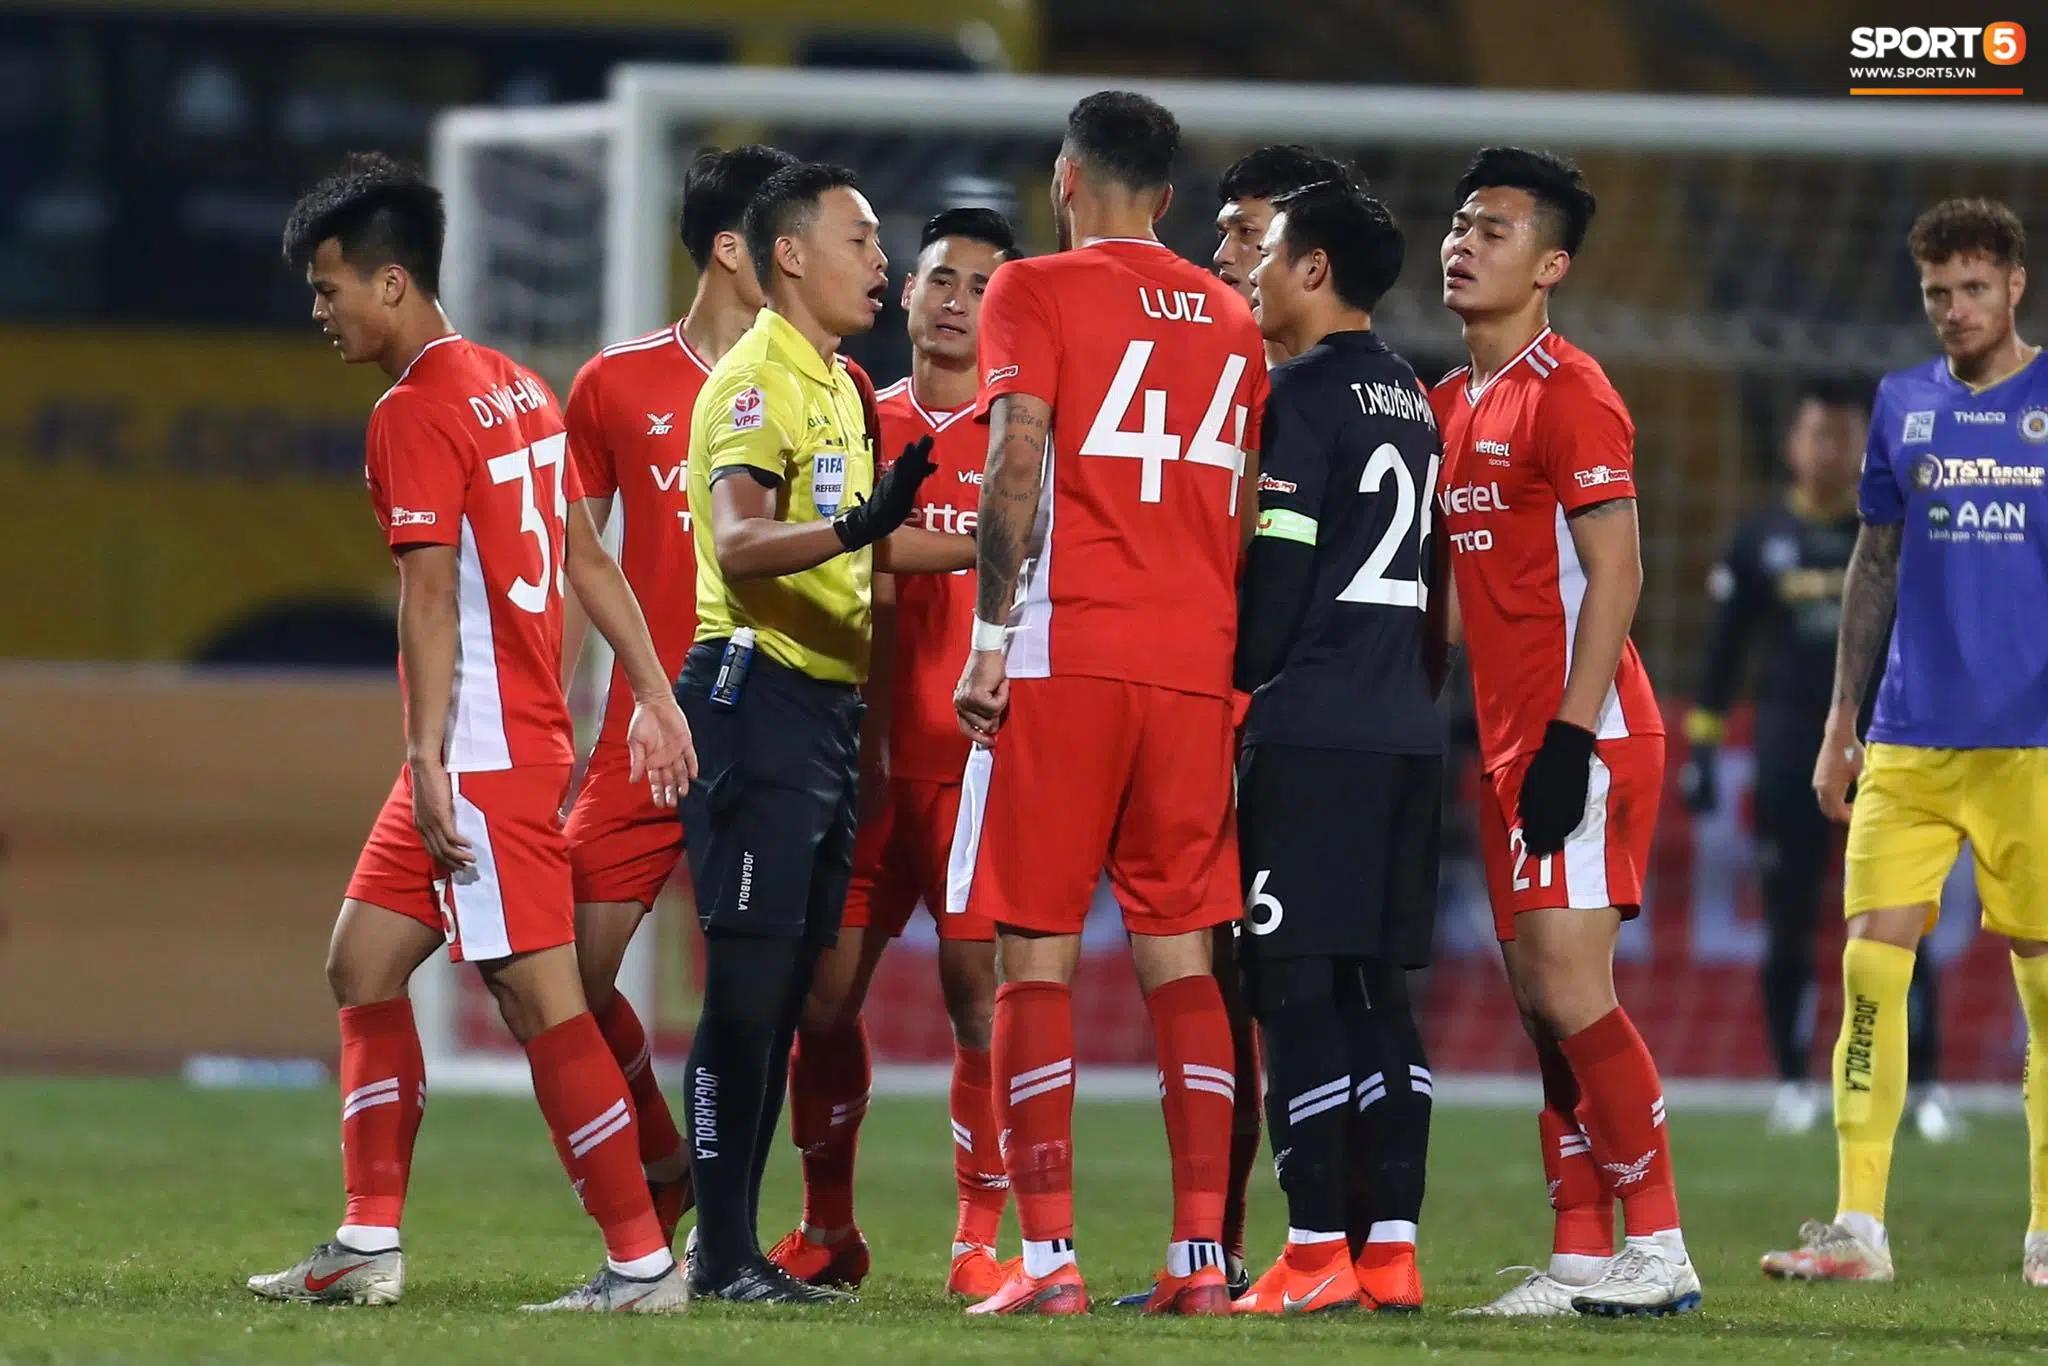 Vì sao bóng chạm tay Bùi Hoàng Việt Anh nhưng Hà Nội FC không bị thổi phạt đền? - Ảnh 2.